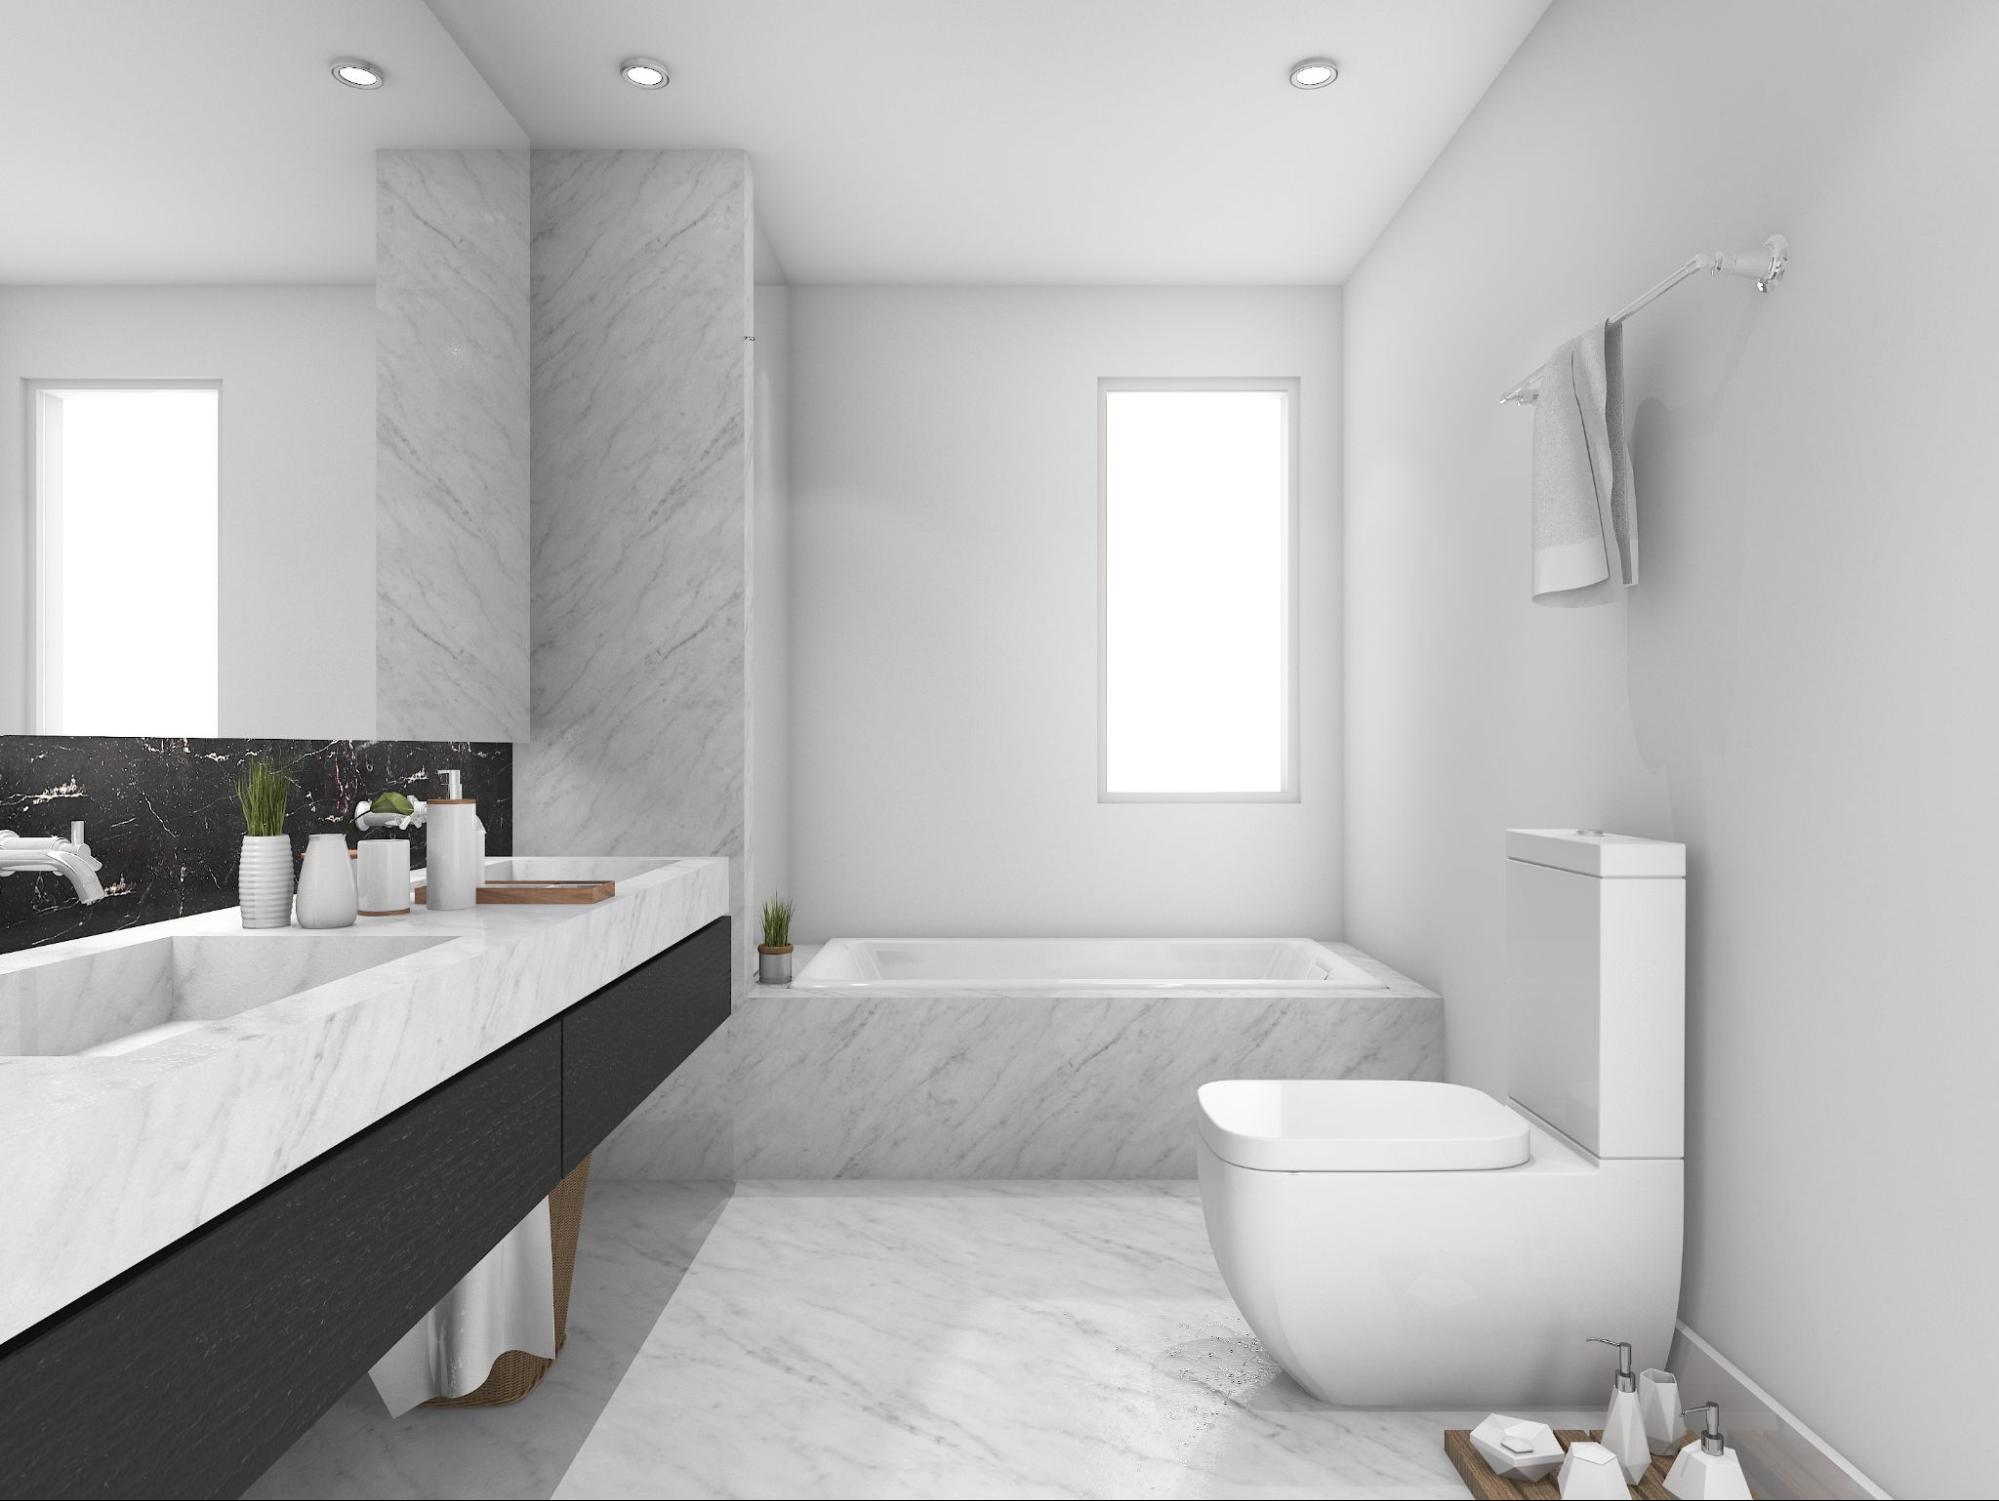 Bianco Marble Tiles Bathroom Vanitytop And Flooring